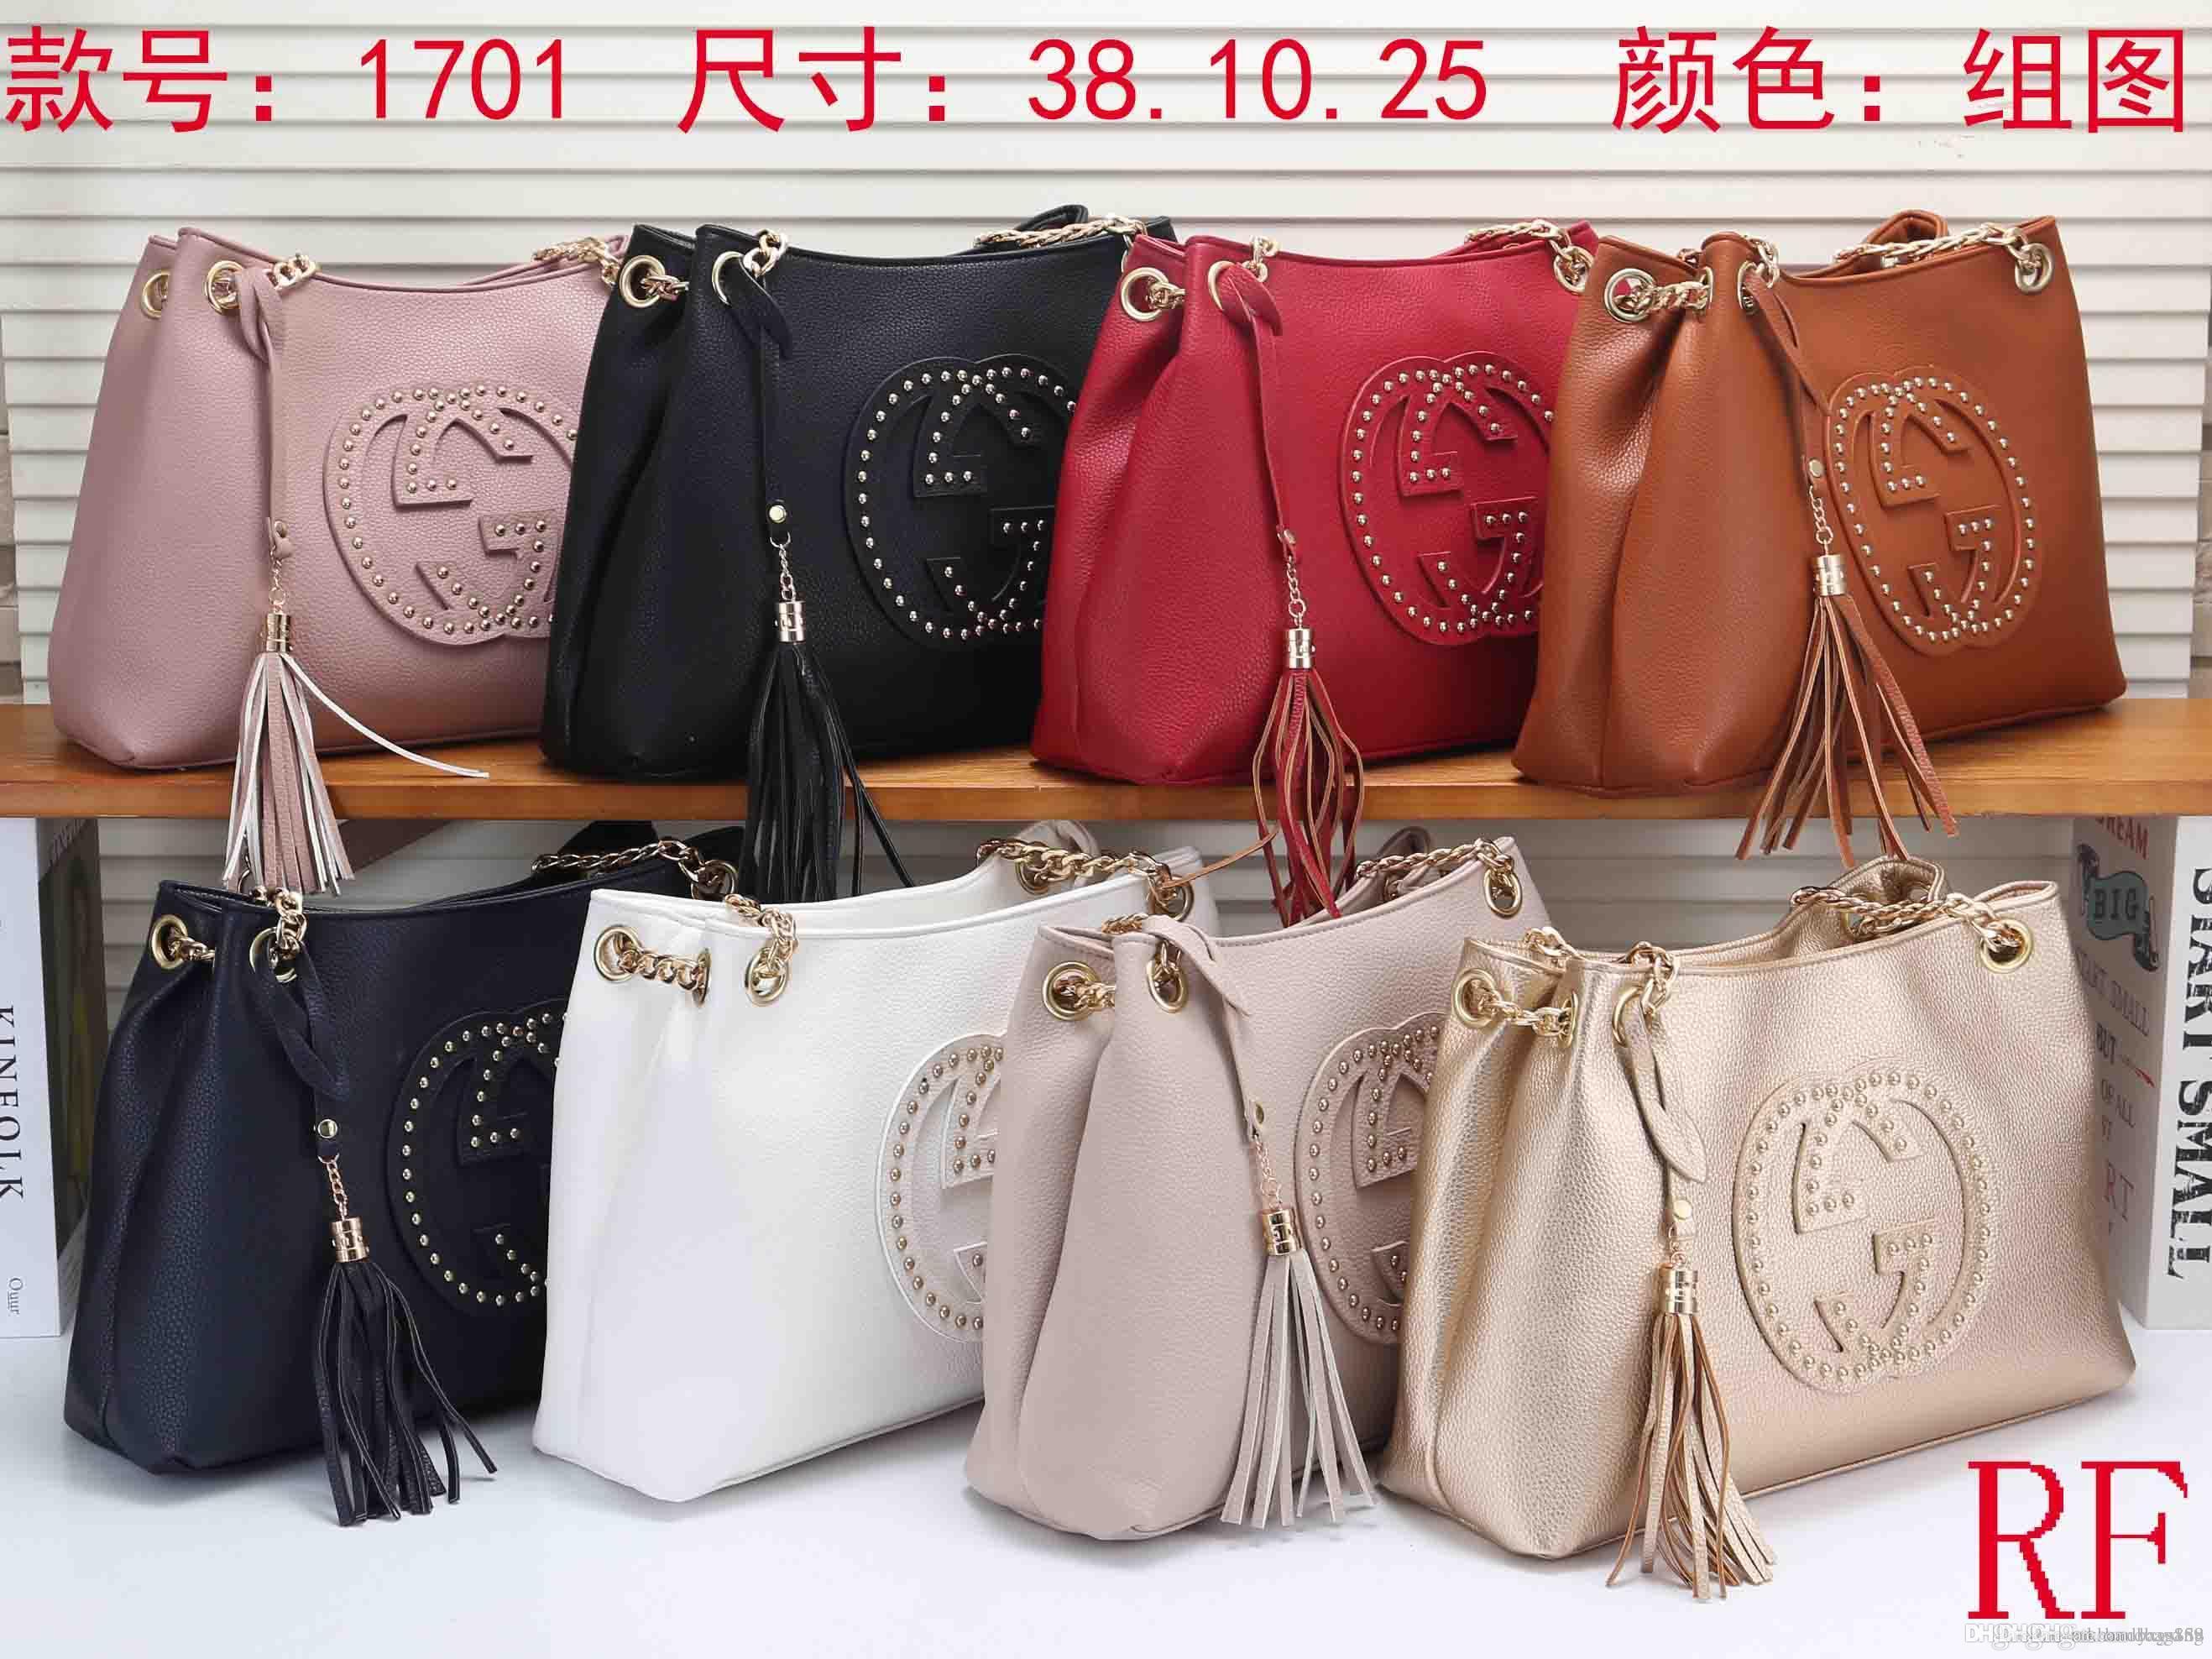 mk 1701 rf new styles fashion bags ladies handbags designer bags rh dhgate com